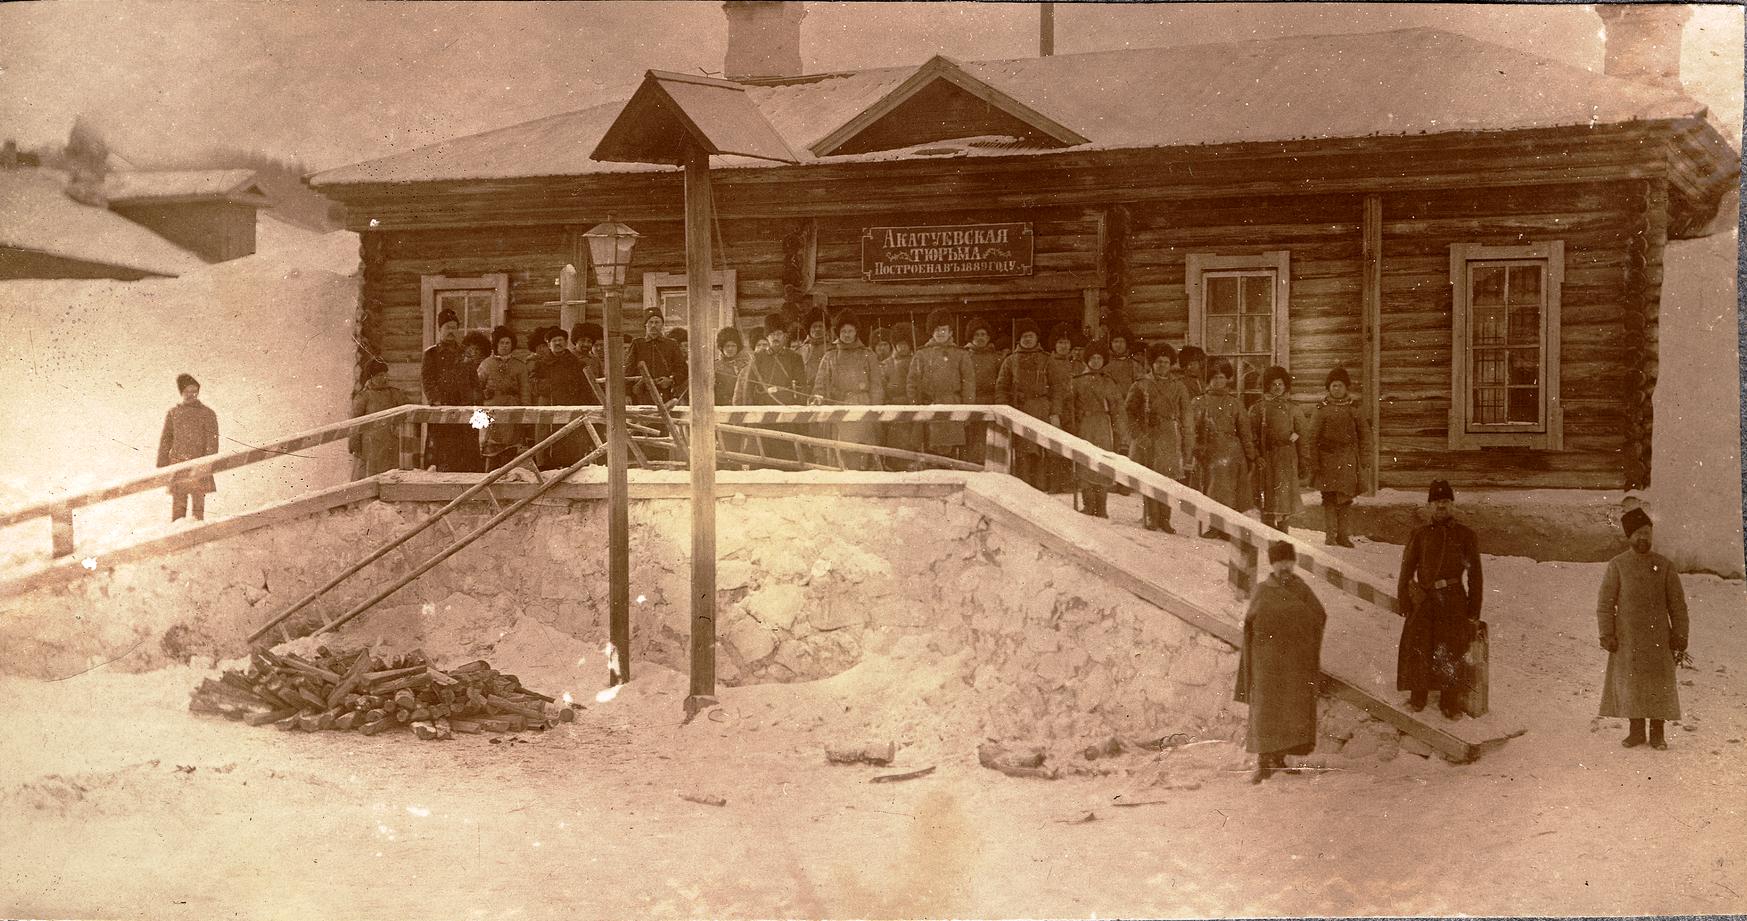 16. Групповой снимок каторжан и охранников на фоне здания Акатуевской тюрьмы